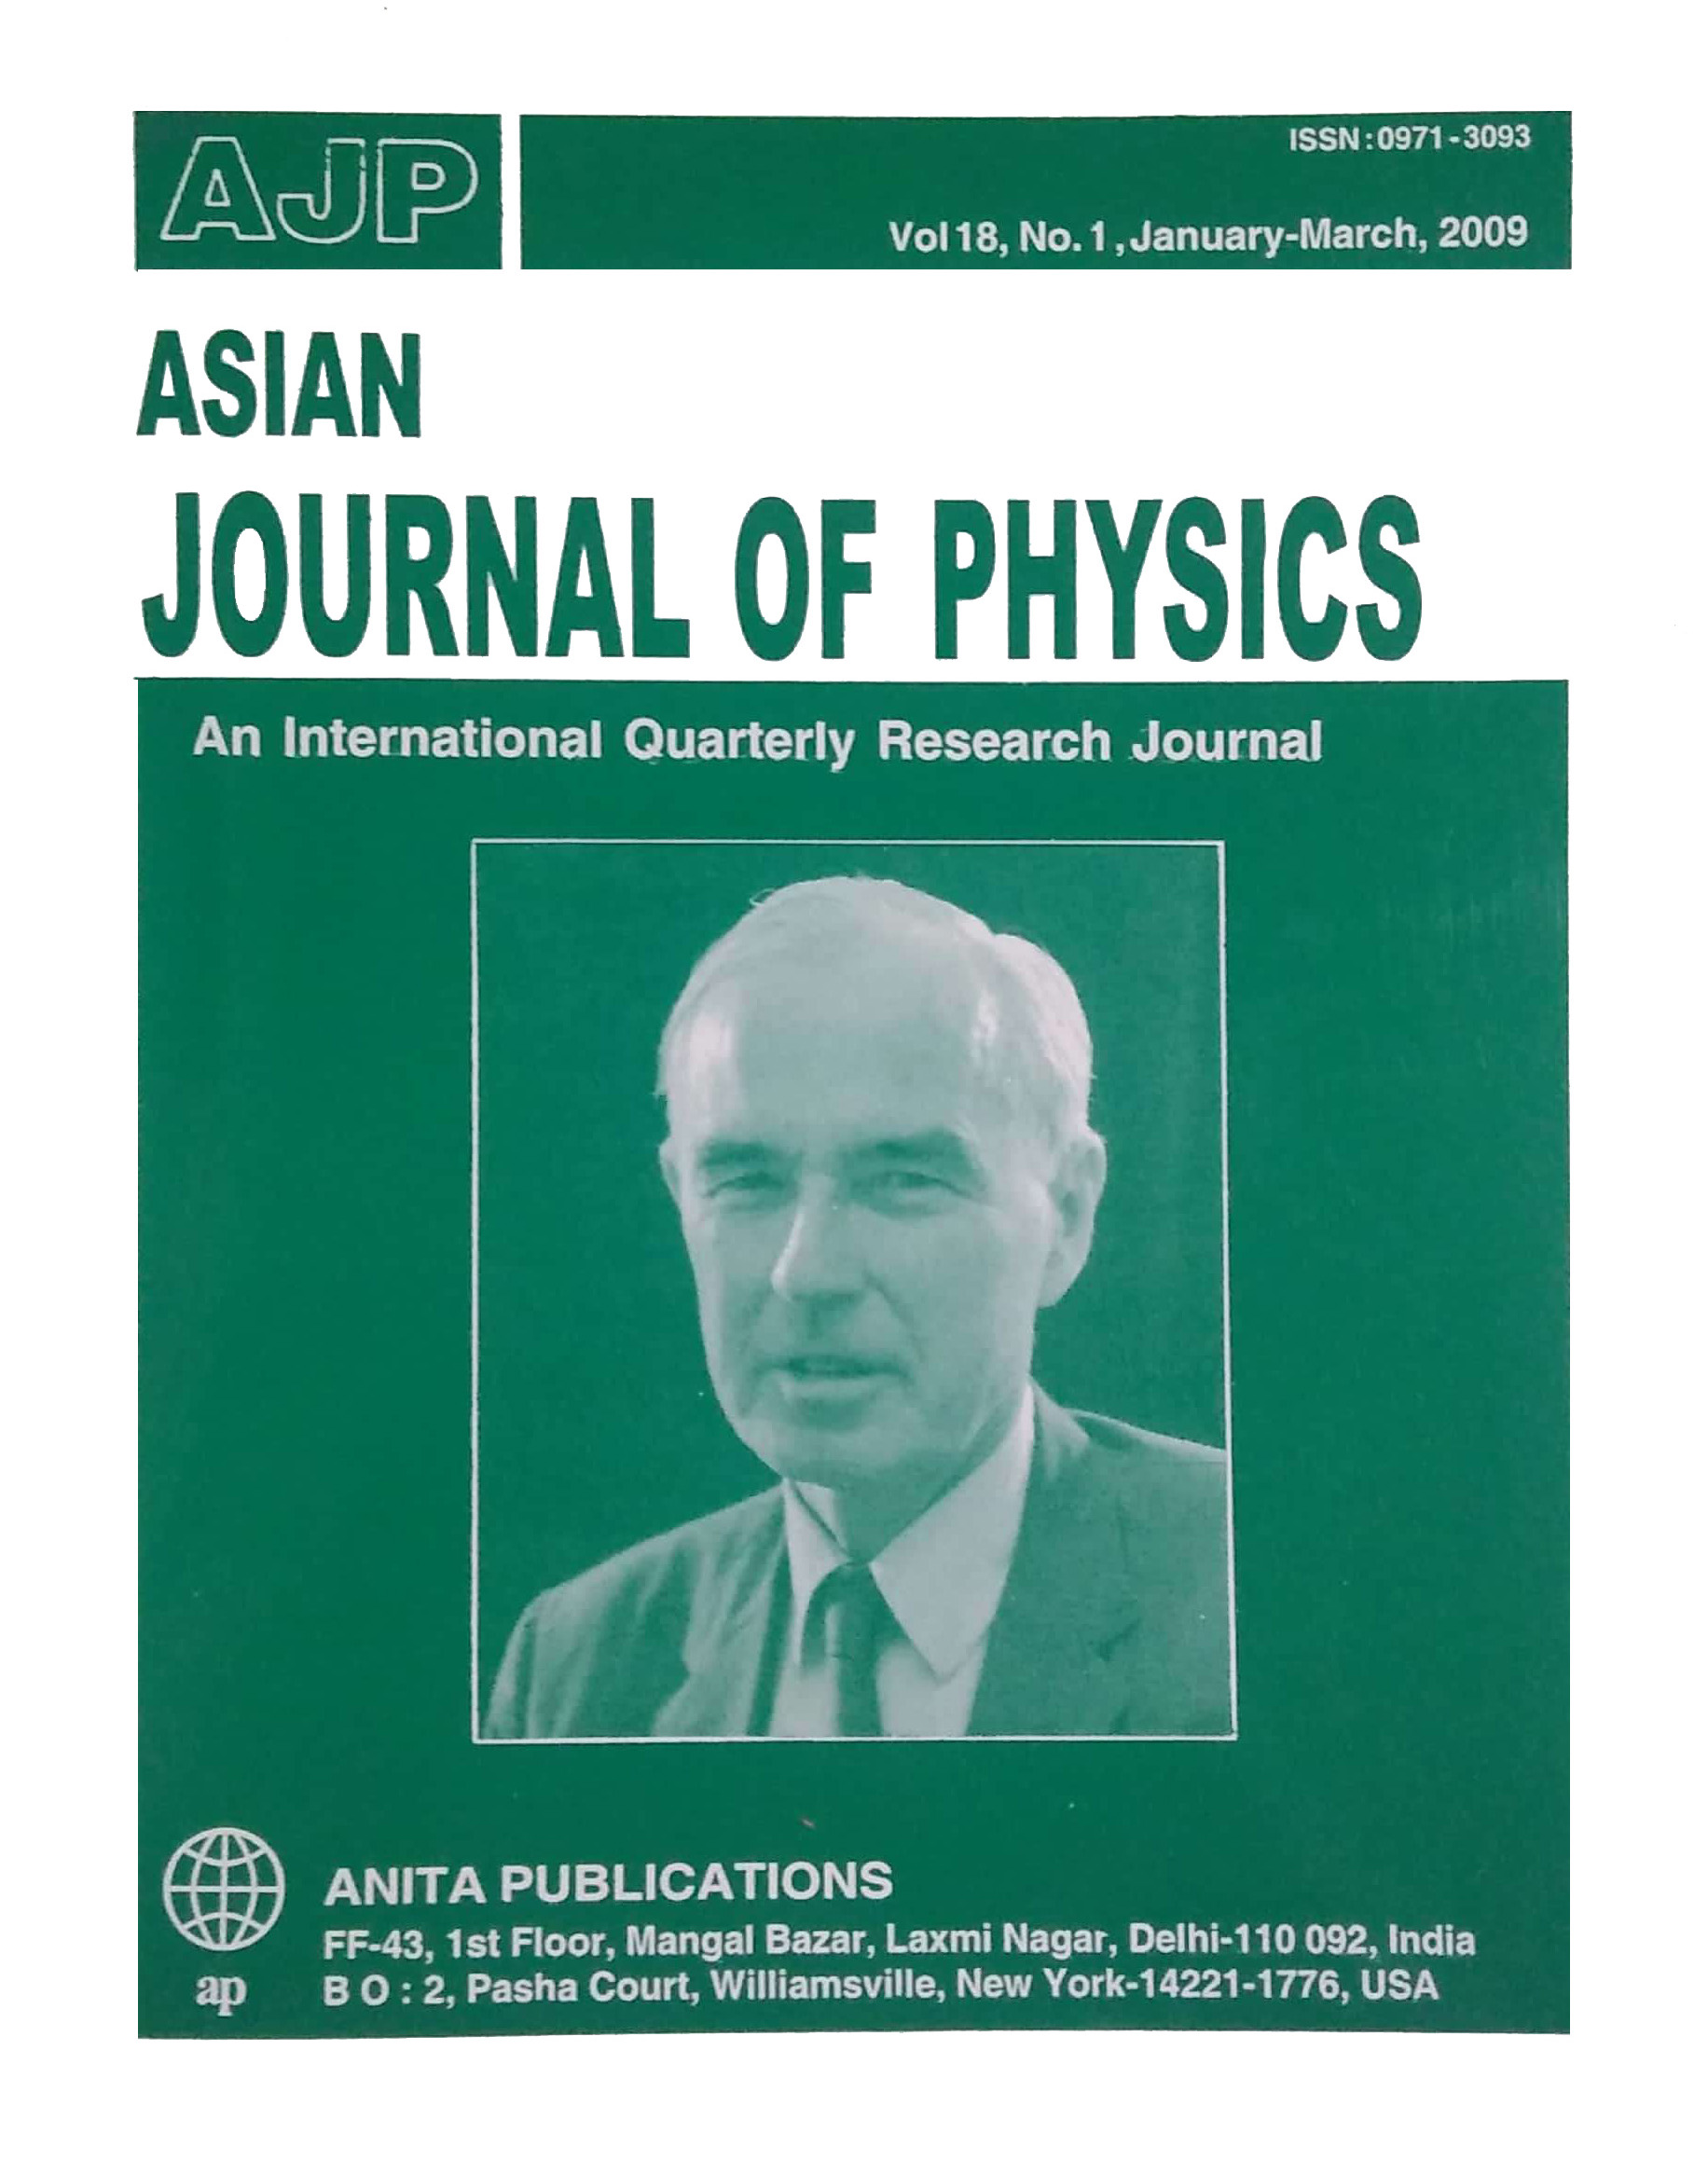 AJP Vol 18 No 1, 2009